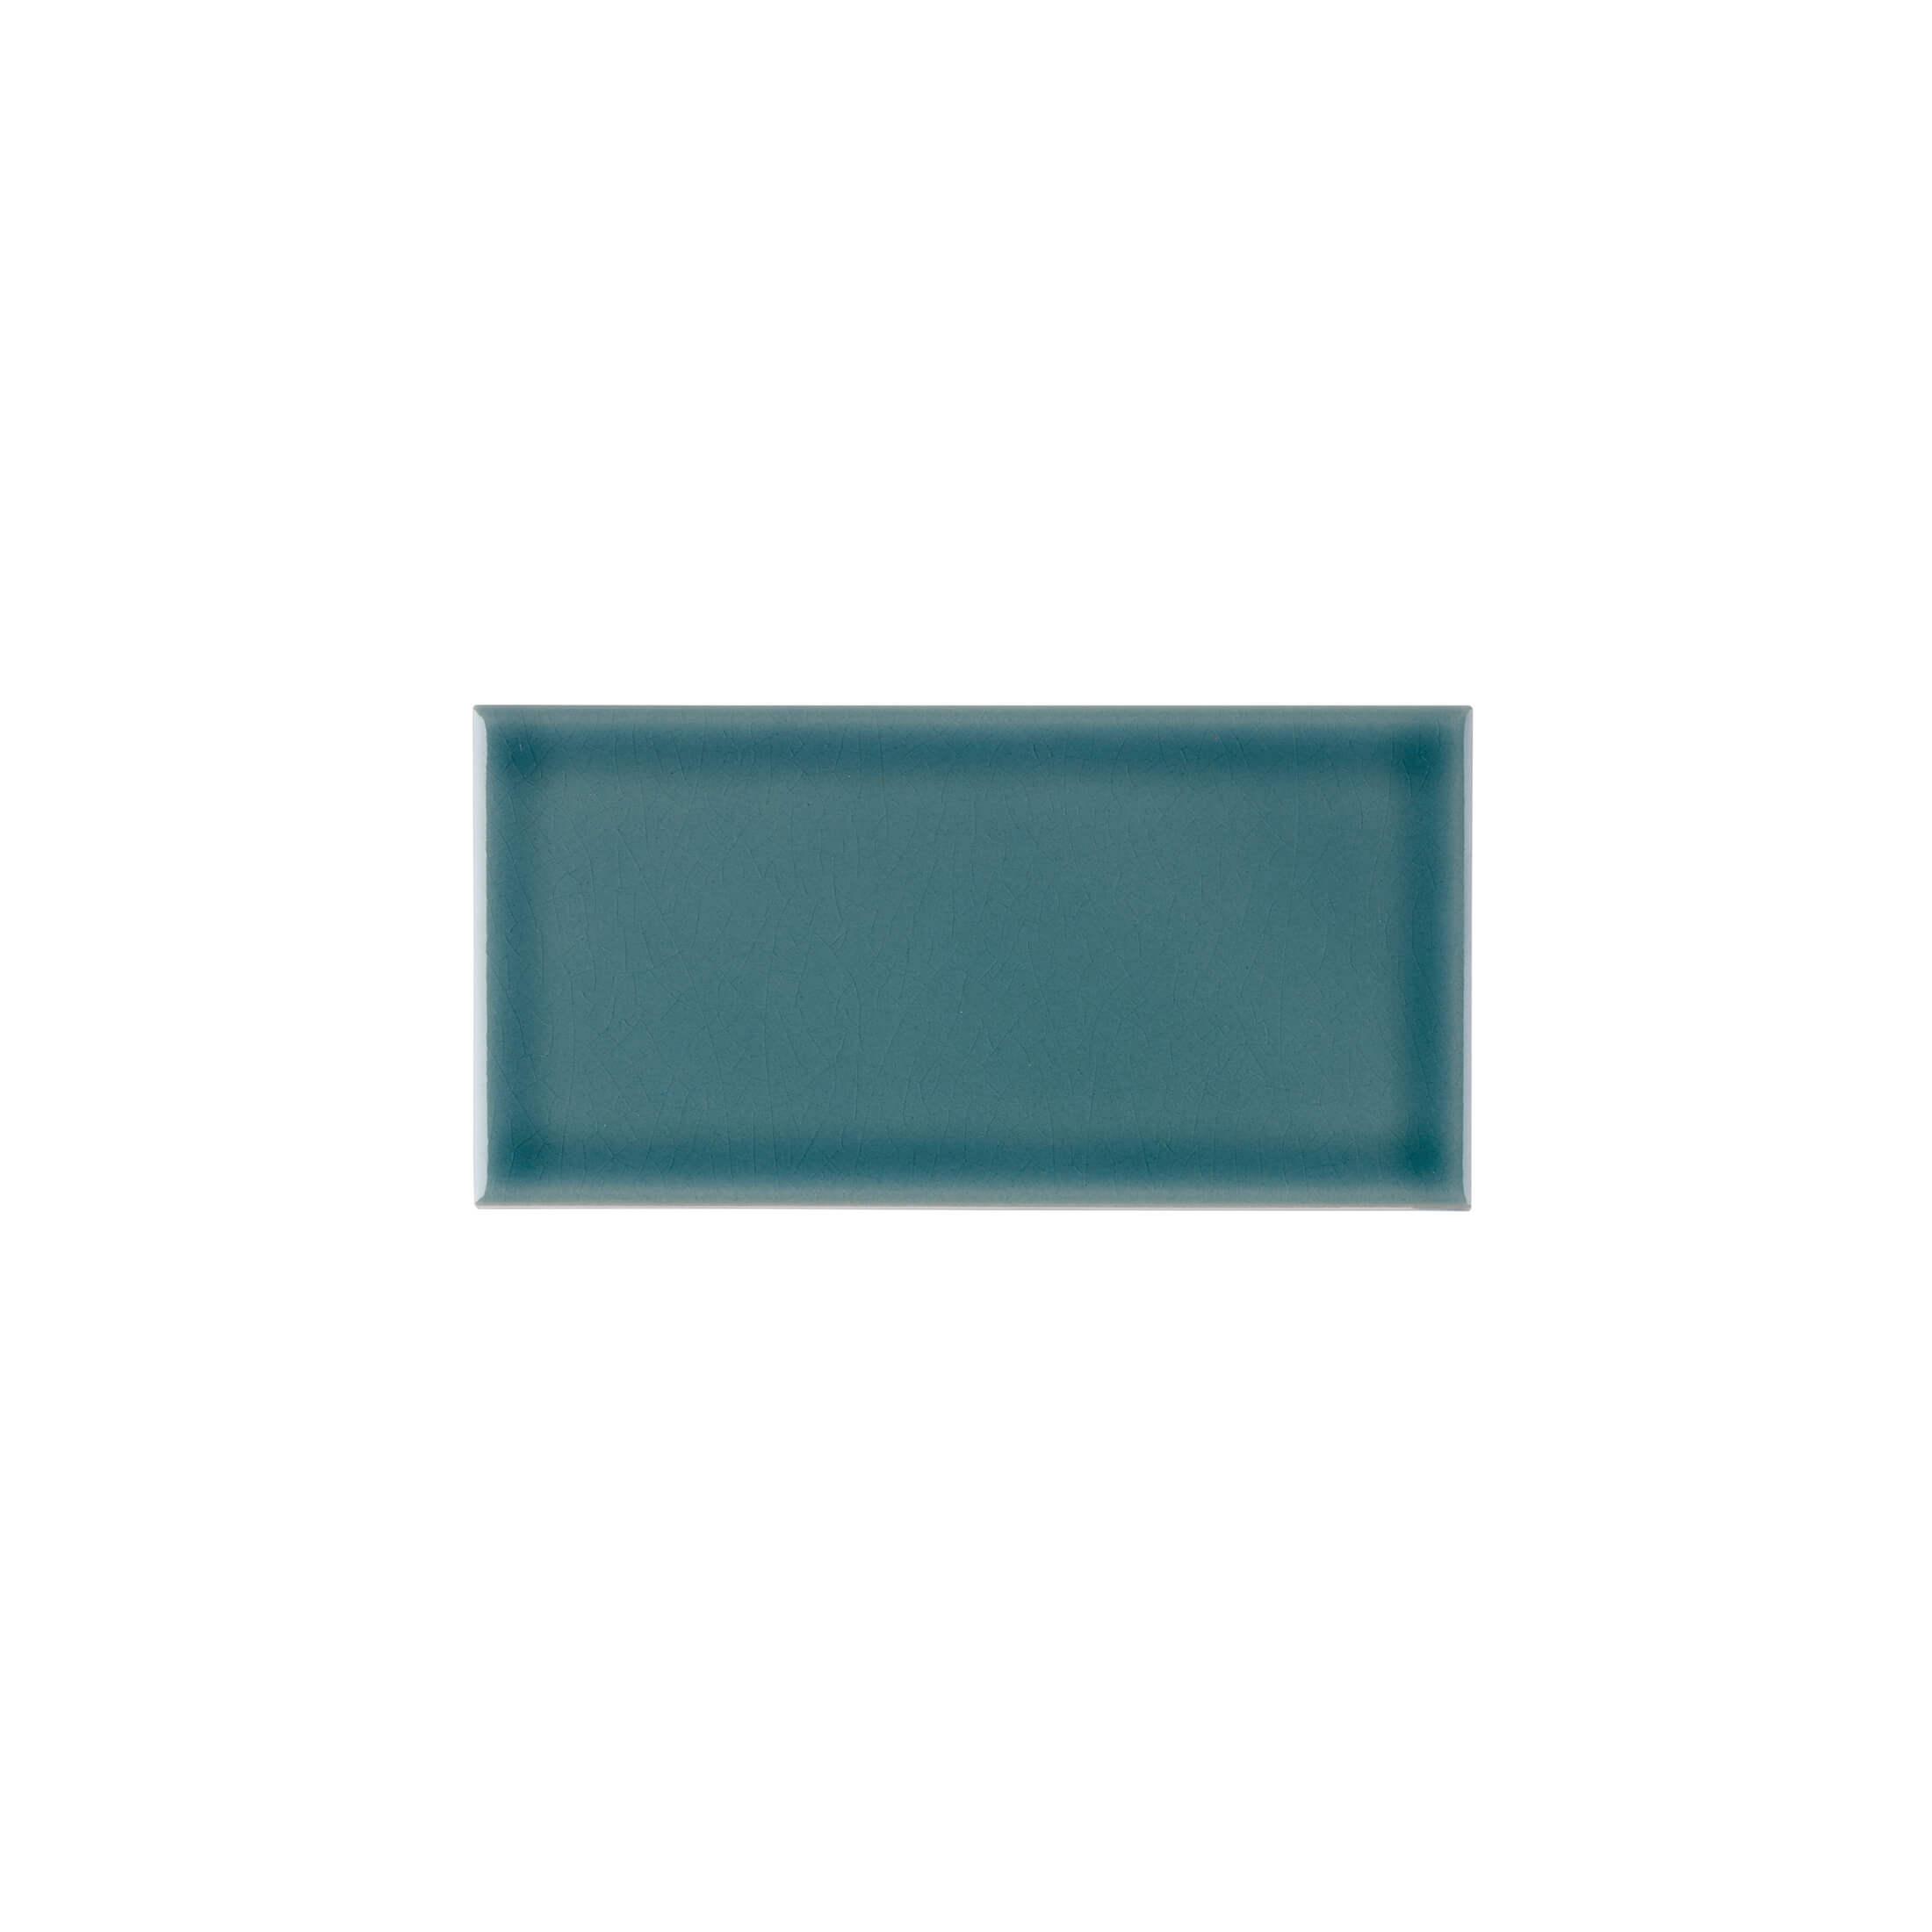 ADMO1018 - LISO PB C/C - 7.5 cm X 15 cm